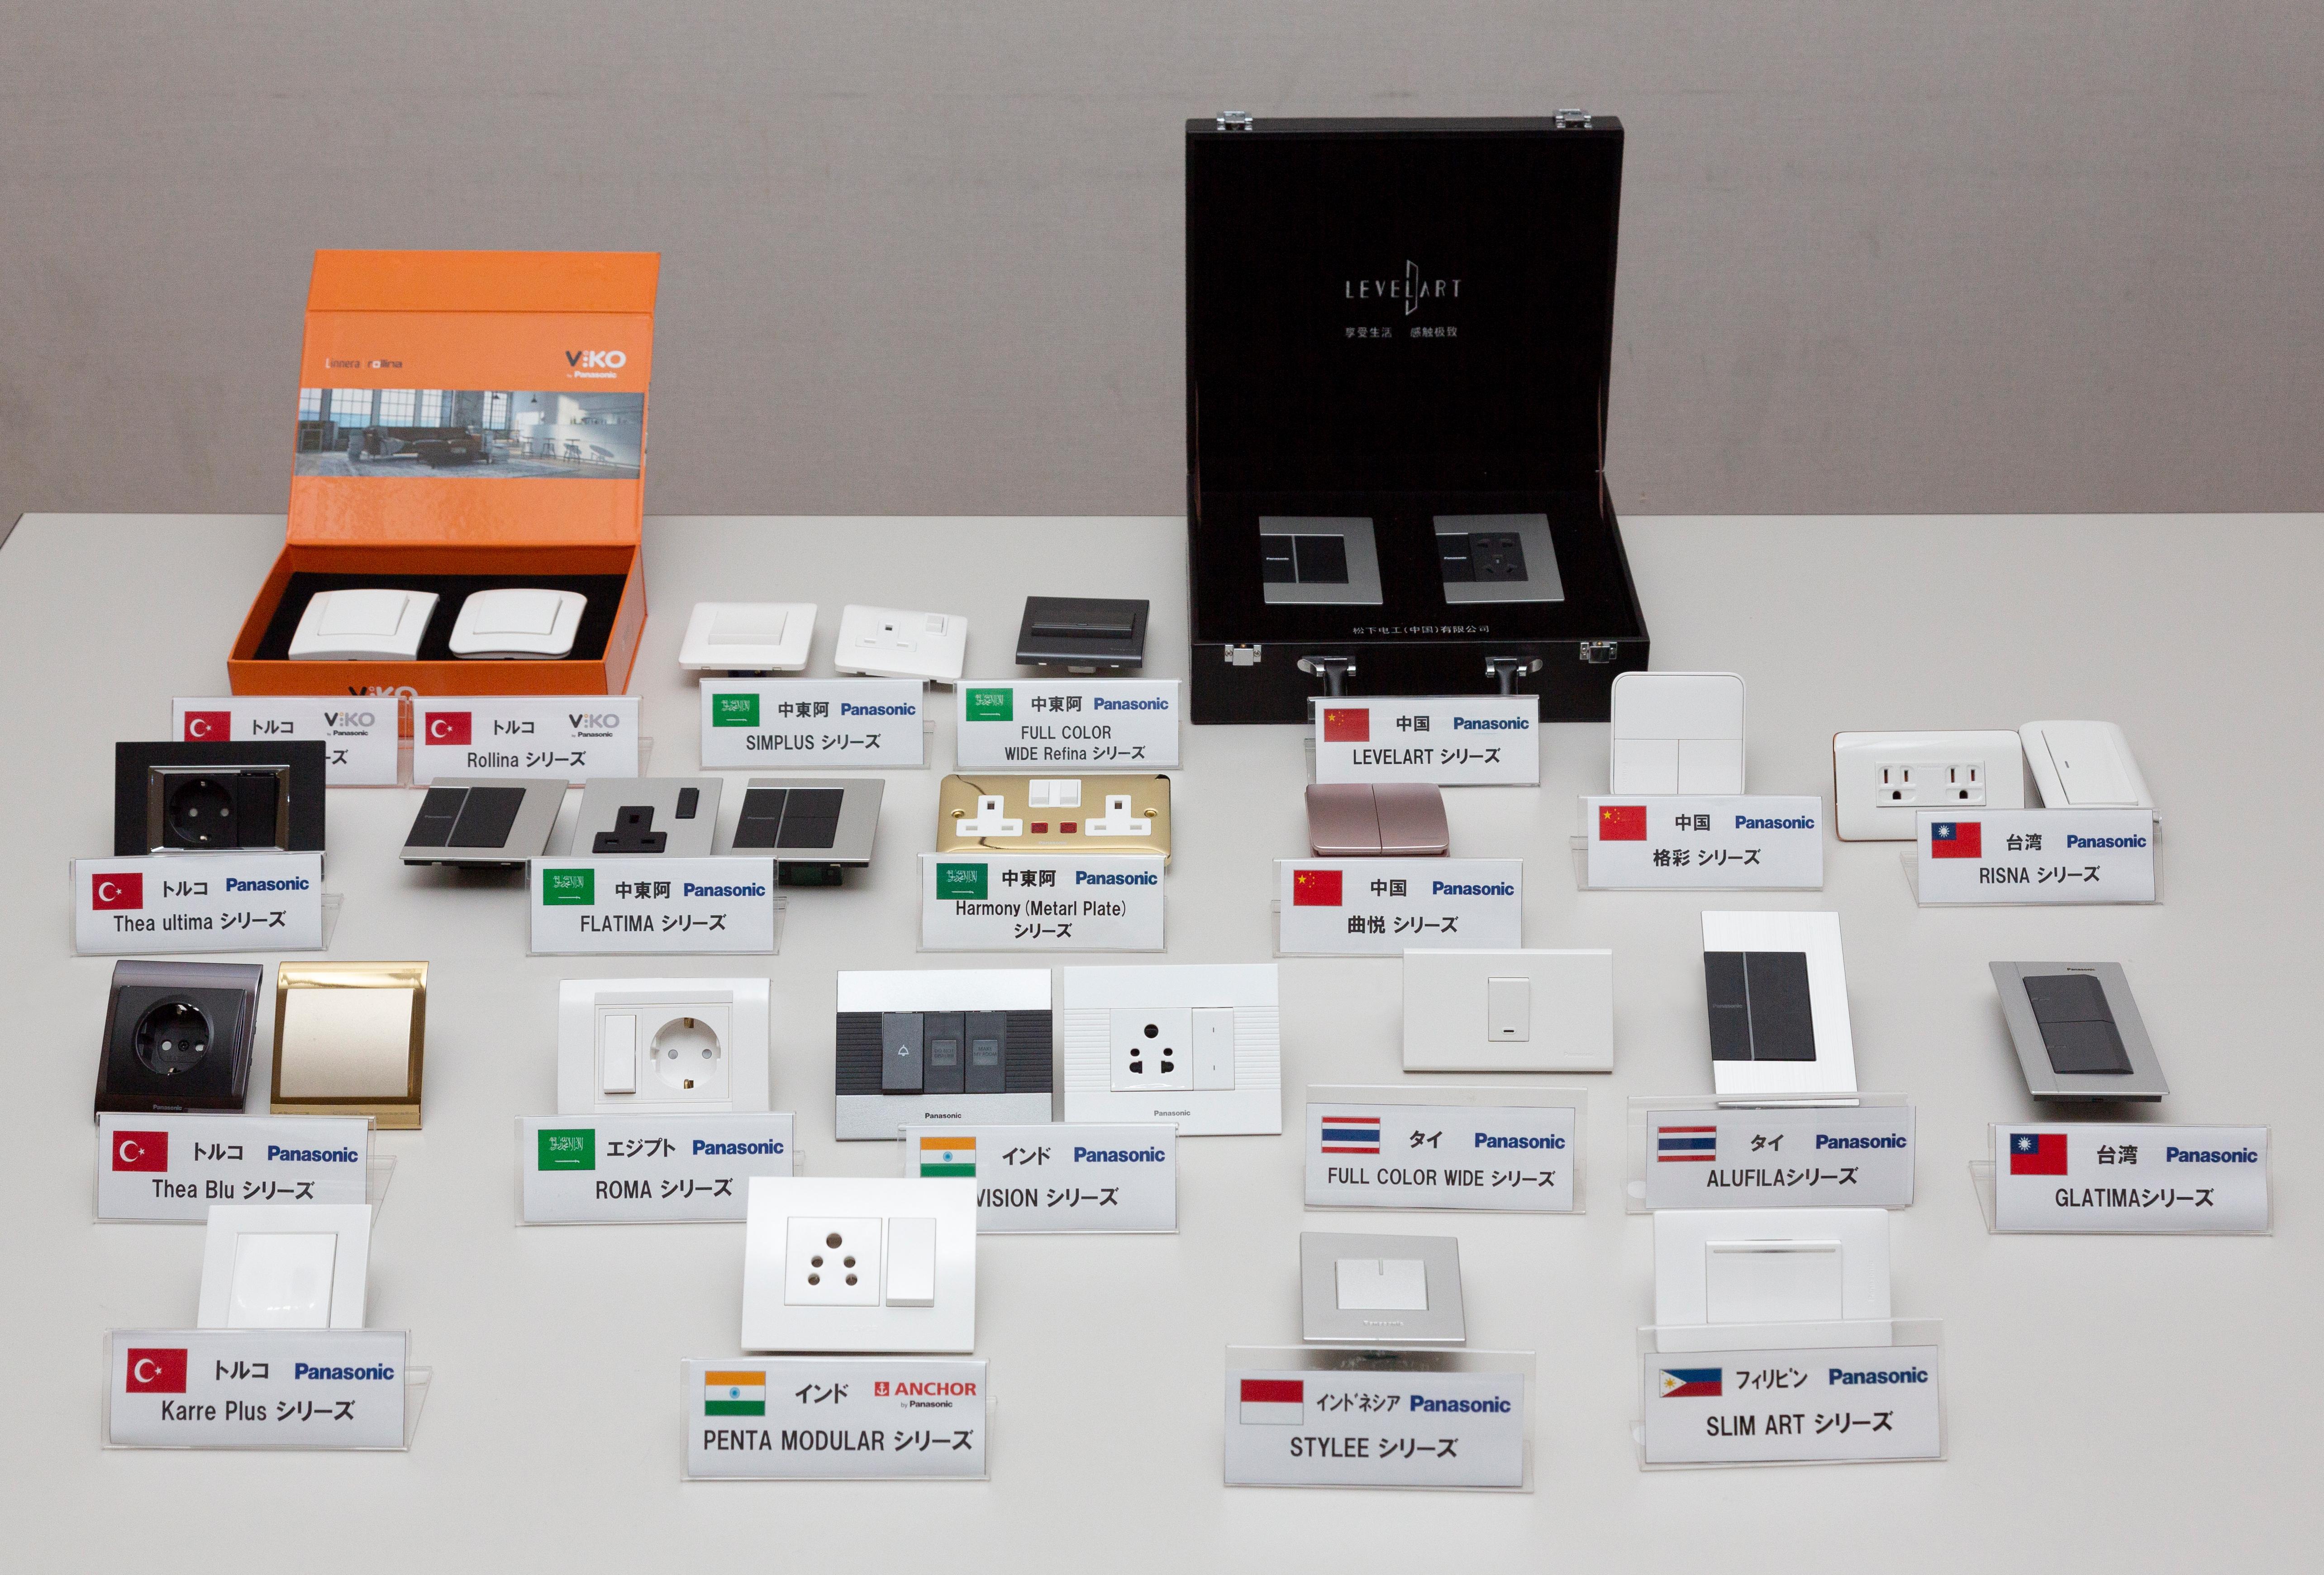 デザイン・形状が多様な海外向け配線器具